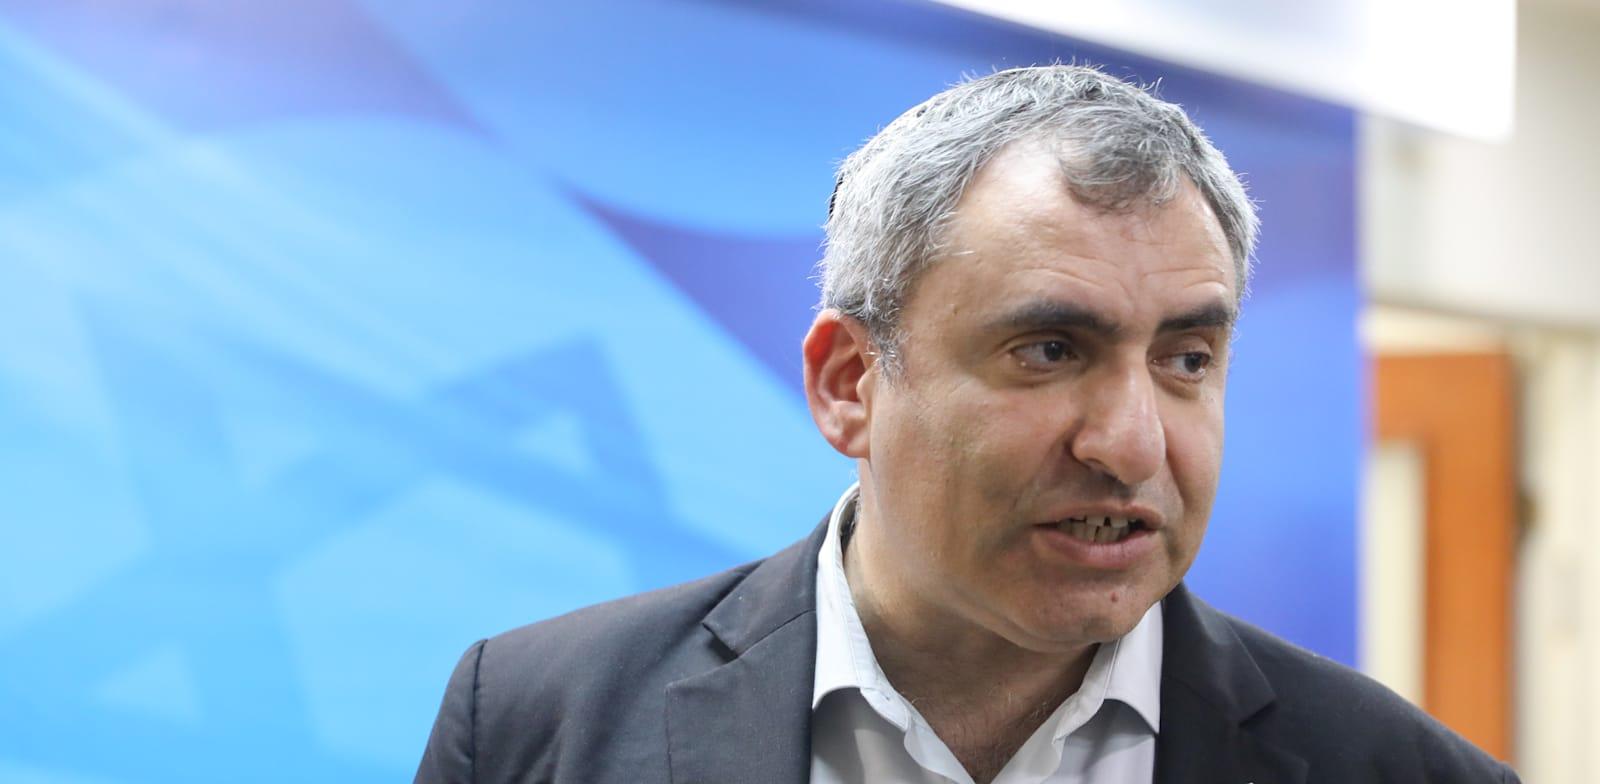 זאב אלקין, שר הבינוי והשיכון / צילום: מארק ישראל סלם - הג'רוזלם פוסט